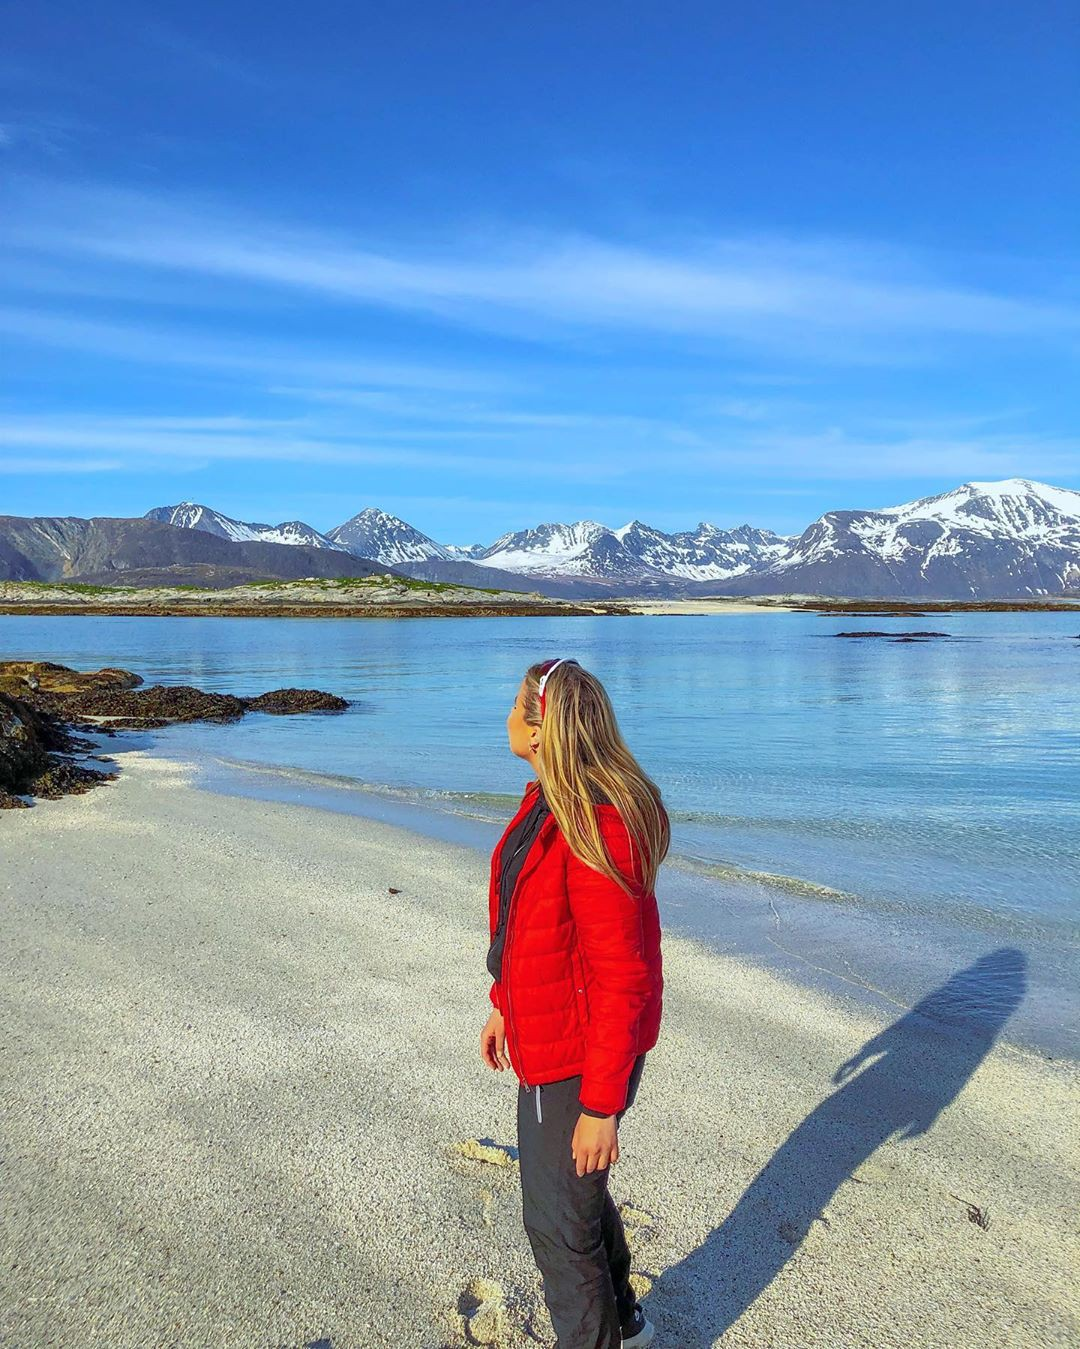 Không đồng hồ, không máy chấm công, phong cảnh lại tuyệt đẹp, hòn đảo này chính xác là nơi mà ai đang áp lực cũng muốn trốn đến - Ảnh 3.